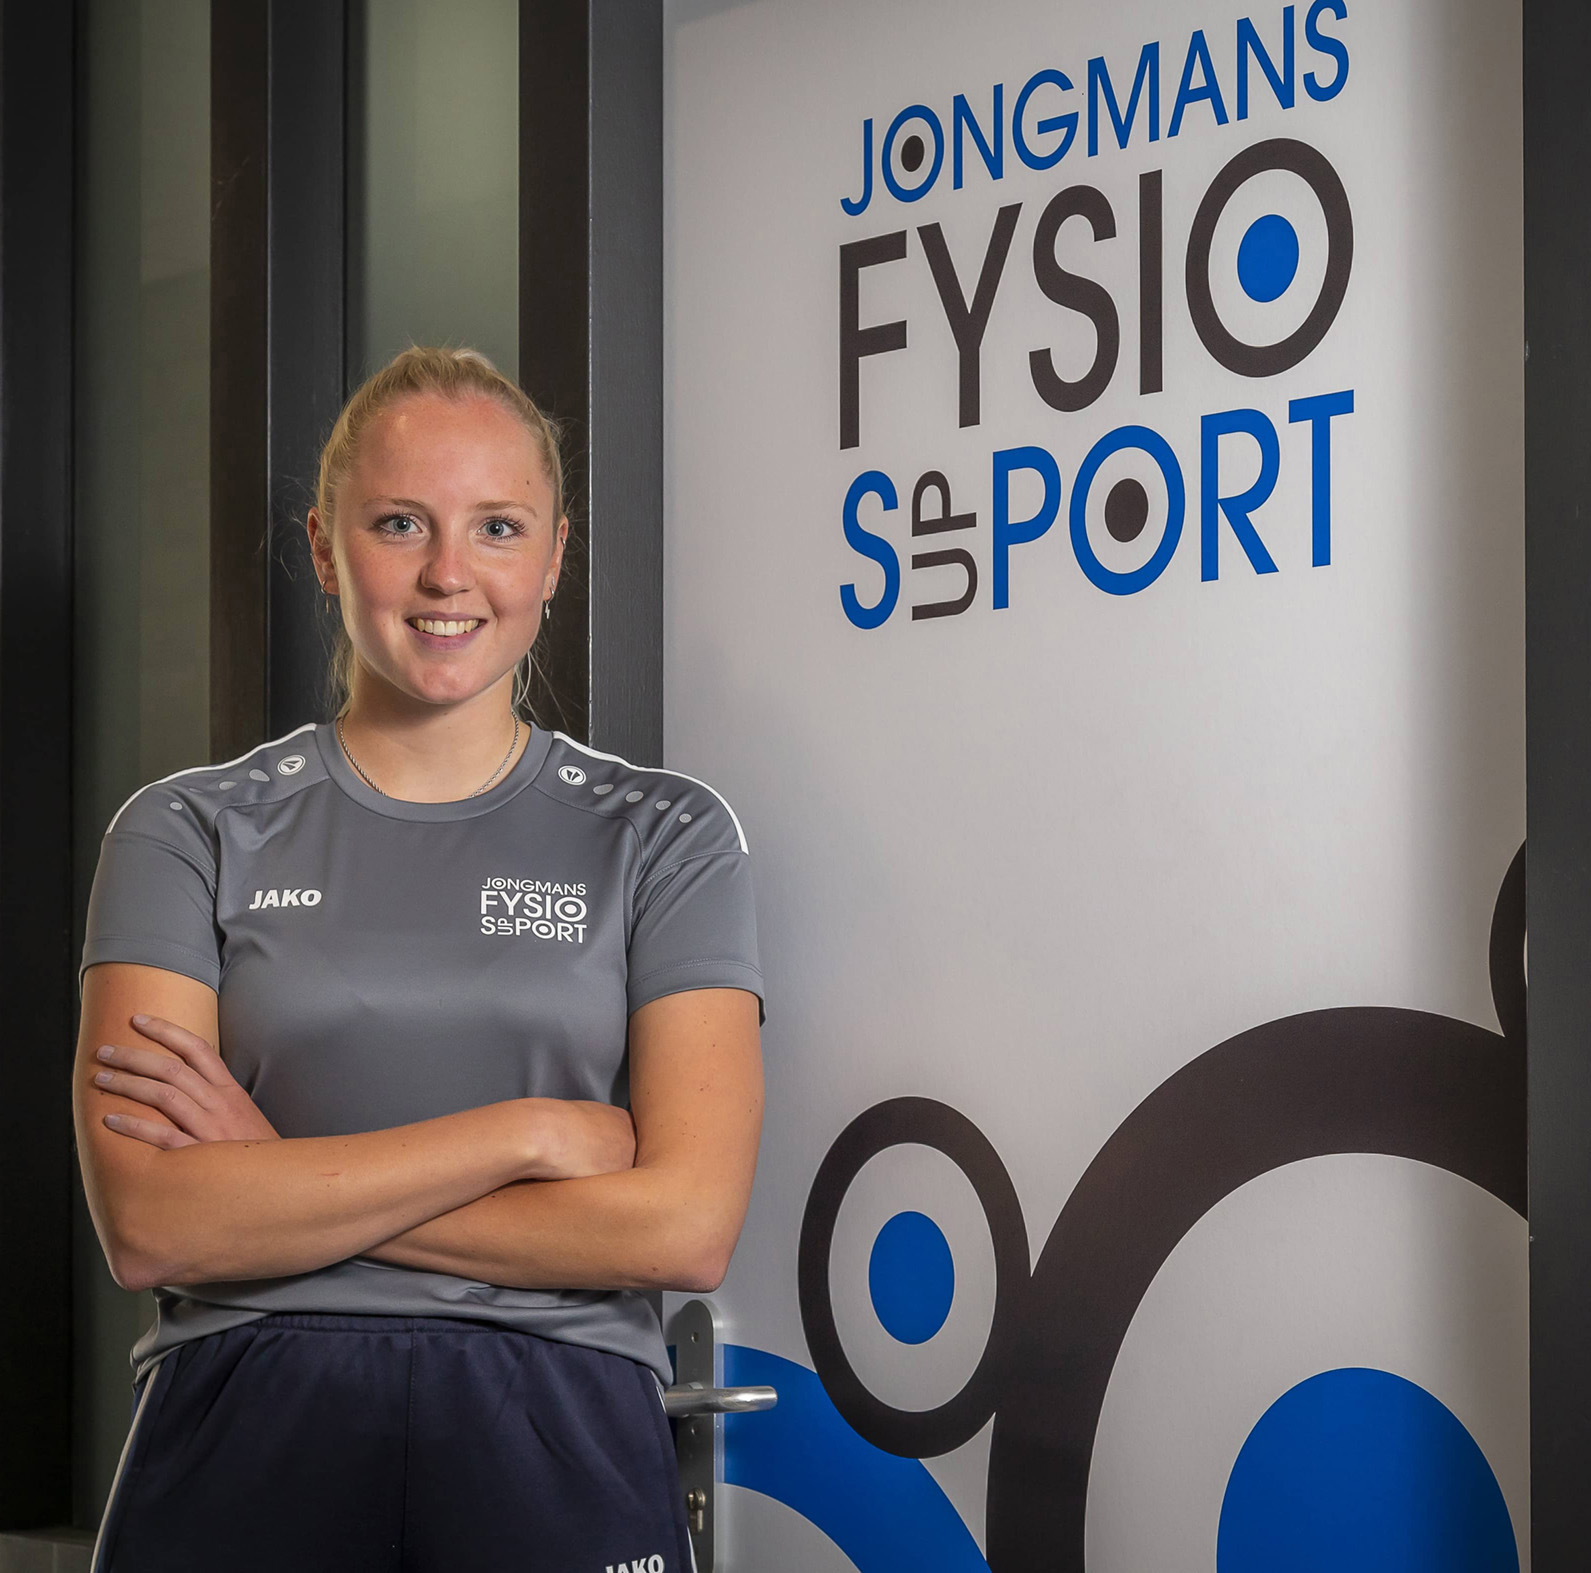 Femke Harsen Jongmans-FysioSupport Roosendaal